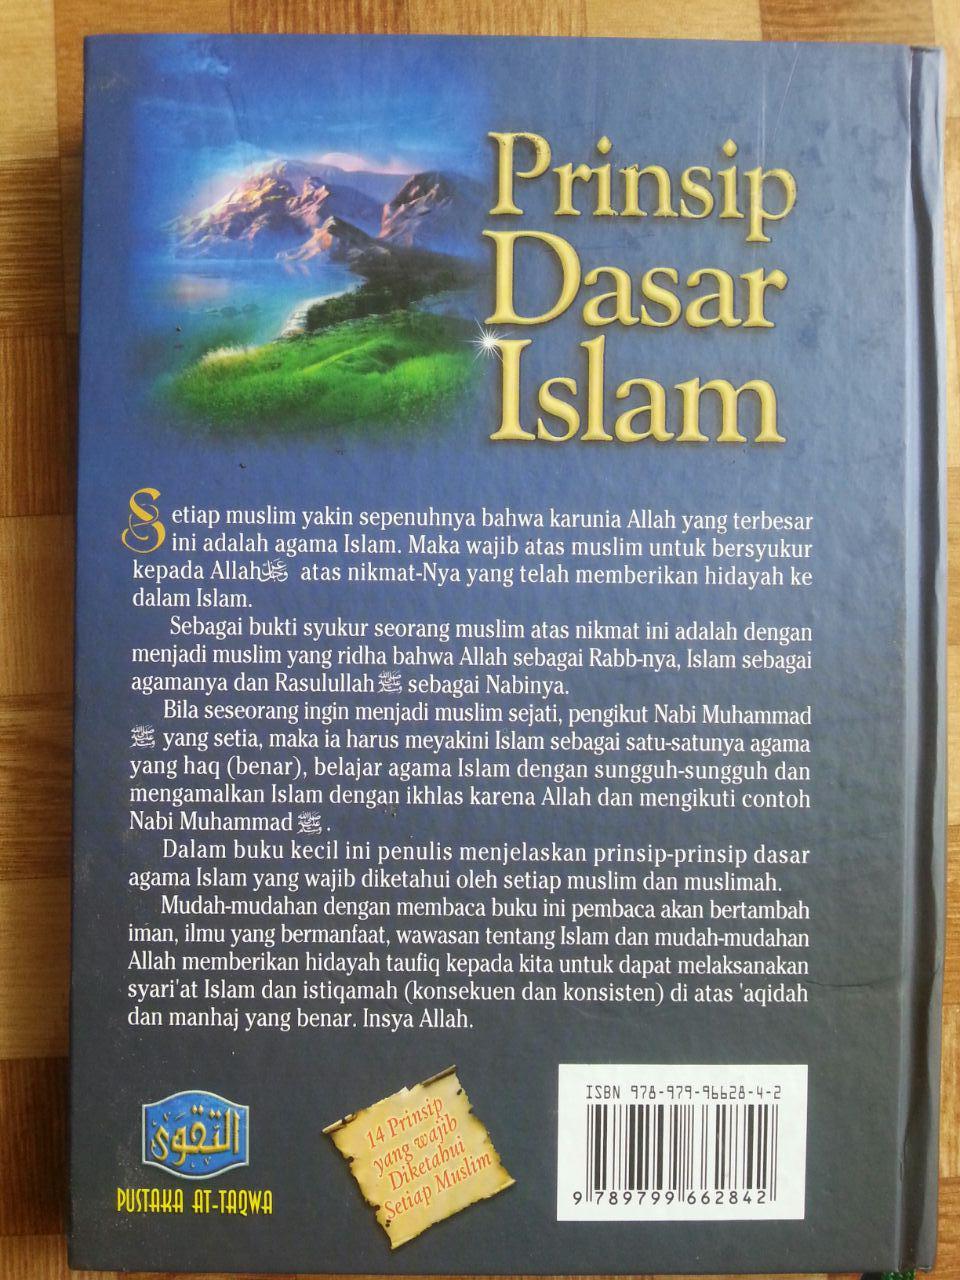 Buku Prinsip Dasar Islam Menurut Al-Qur'an Dan As-Sunnah cover